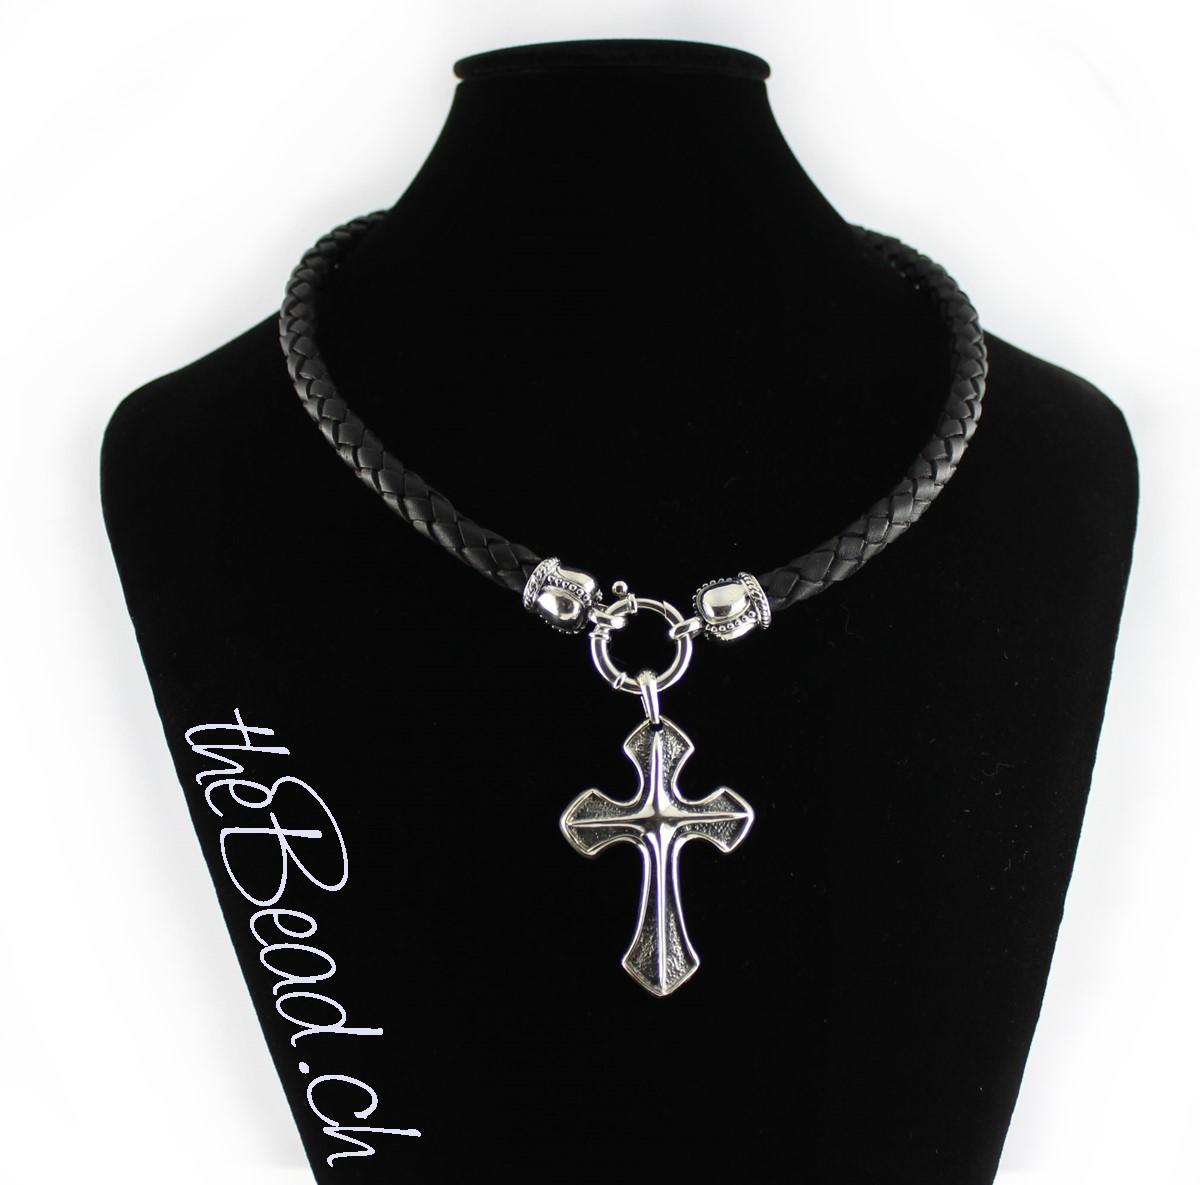 Grosser Kreuz Anhänger Silberschmuck vom Schweizer Online Shop theBead